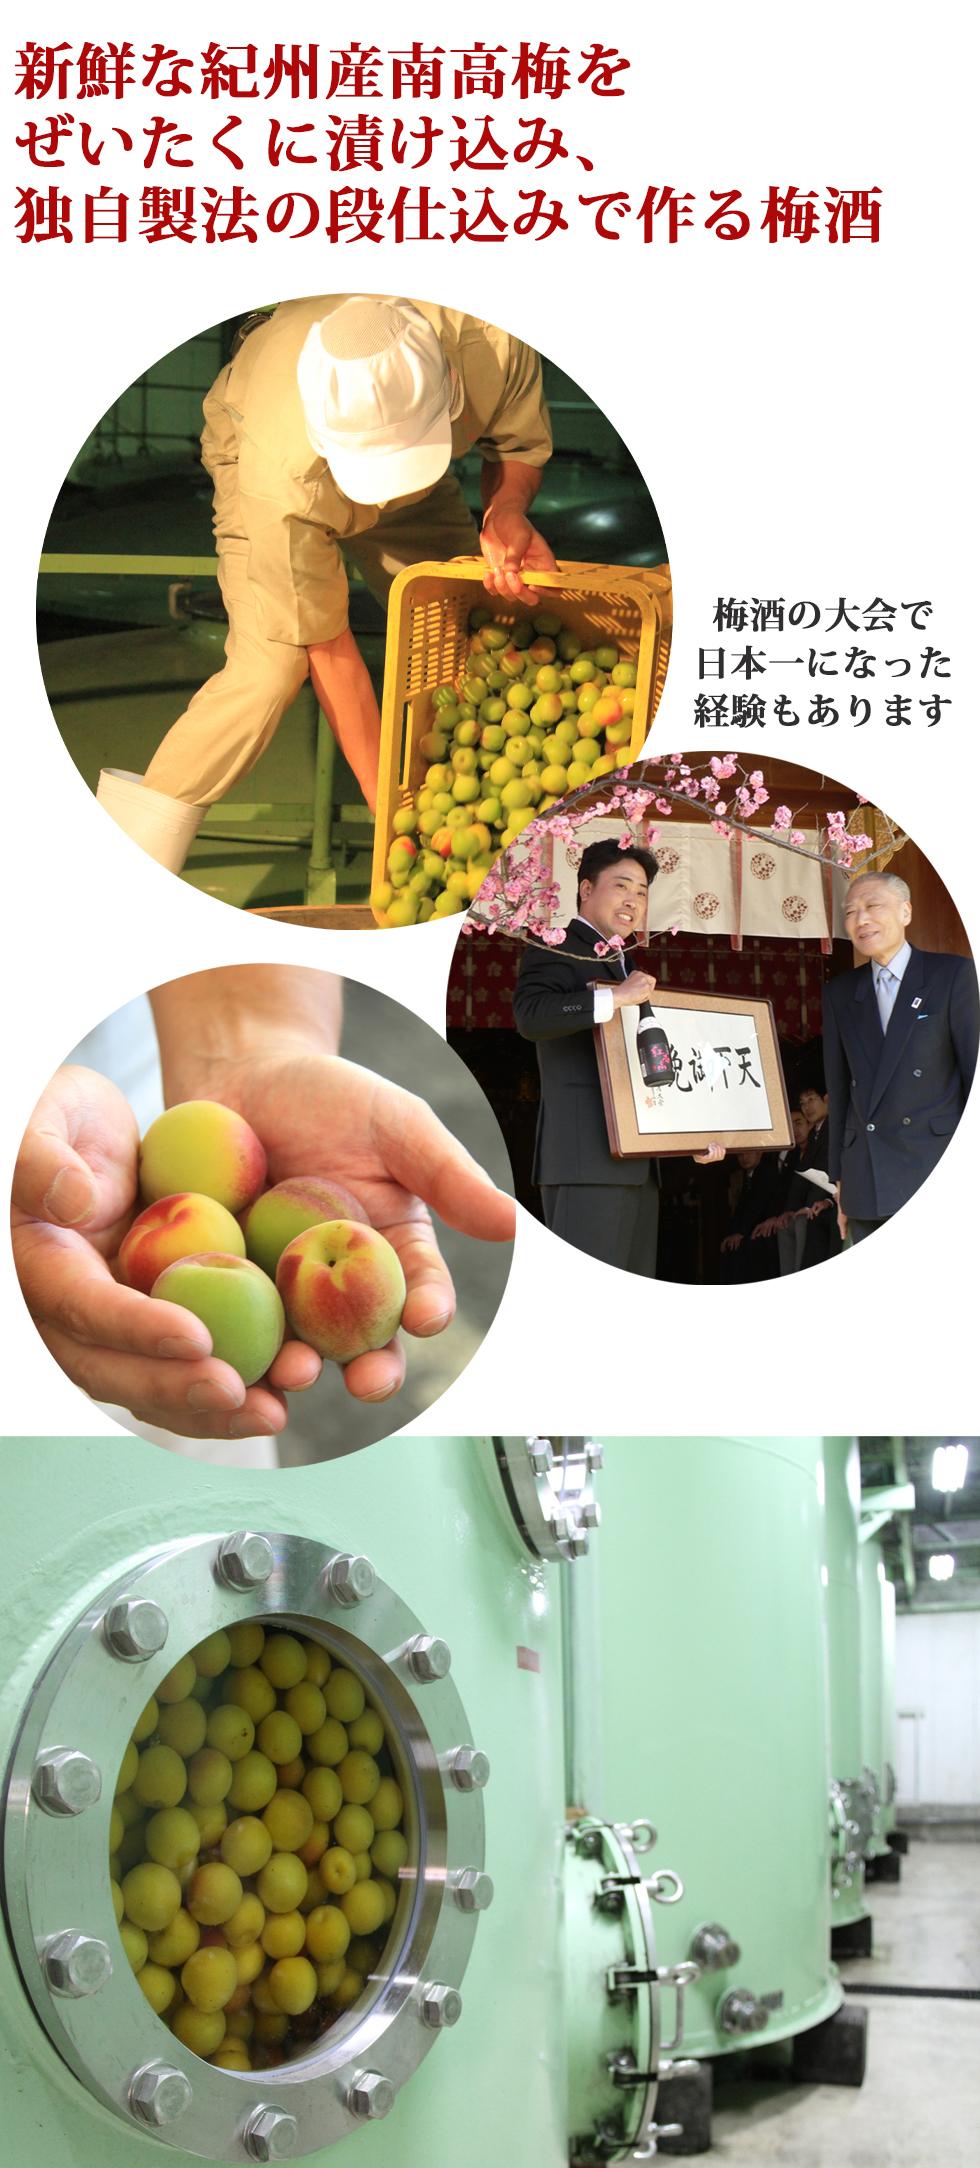 中野BCの説明,梅酒造り,梅酒の作り方